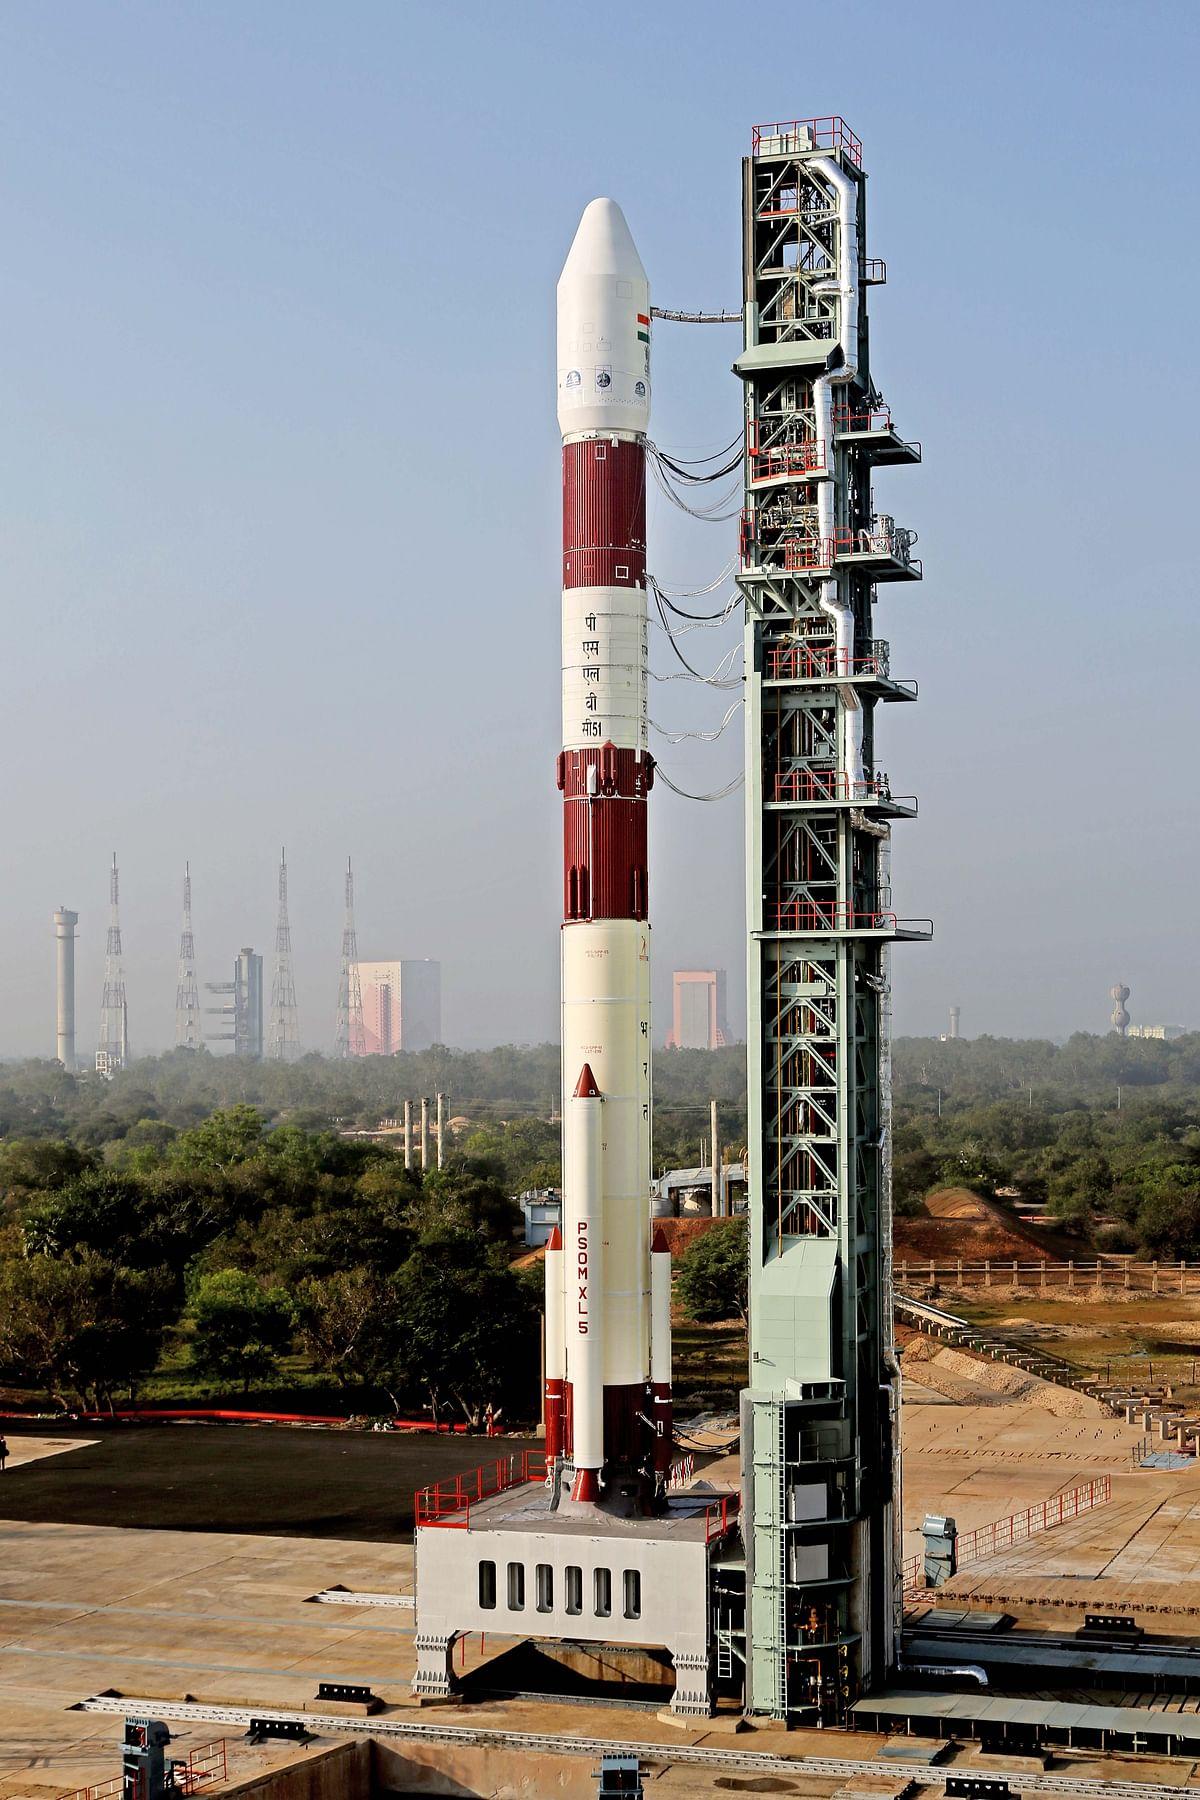 इसरो में पीएसएलवी-सी 51 के प्रक्षेपण की उलटी गिनती शुरू, कल होगा लॉन्च